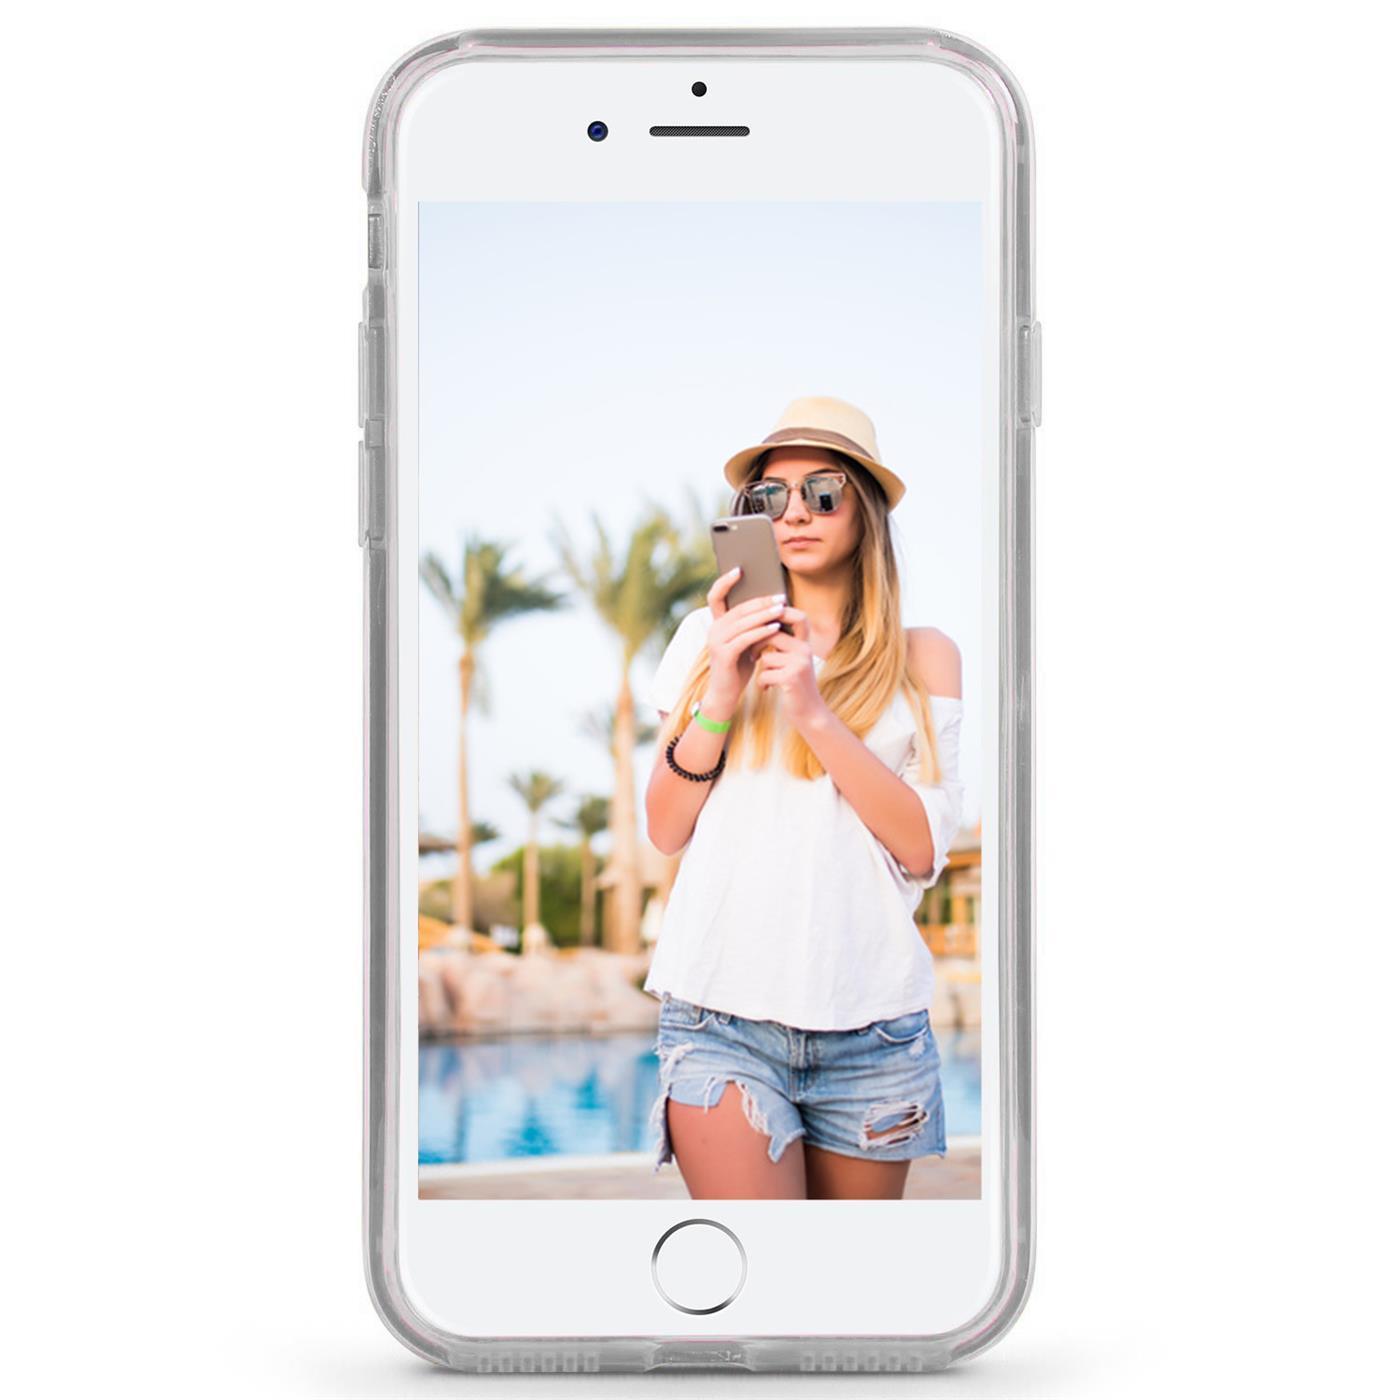 Handy-Glitzer-Huelle-fuer-Apple-iPhone-Slim-TPU-Cover-Case-Silikon-Schutz-Tasche Indexbild 17